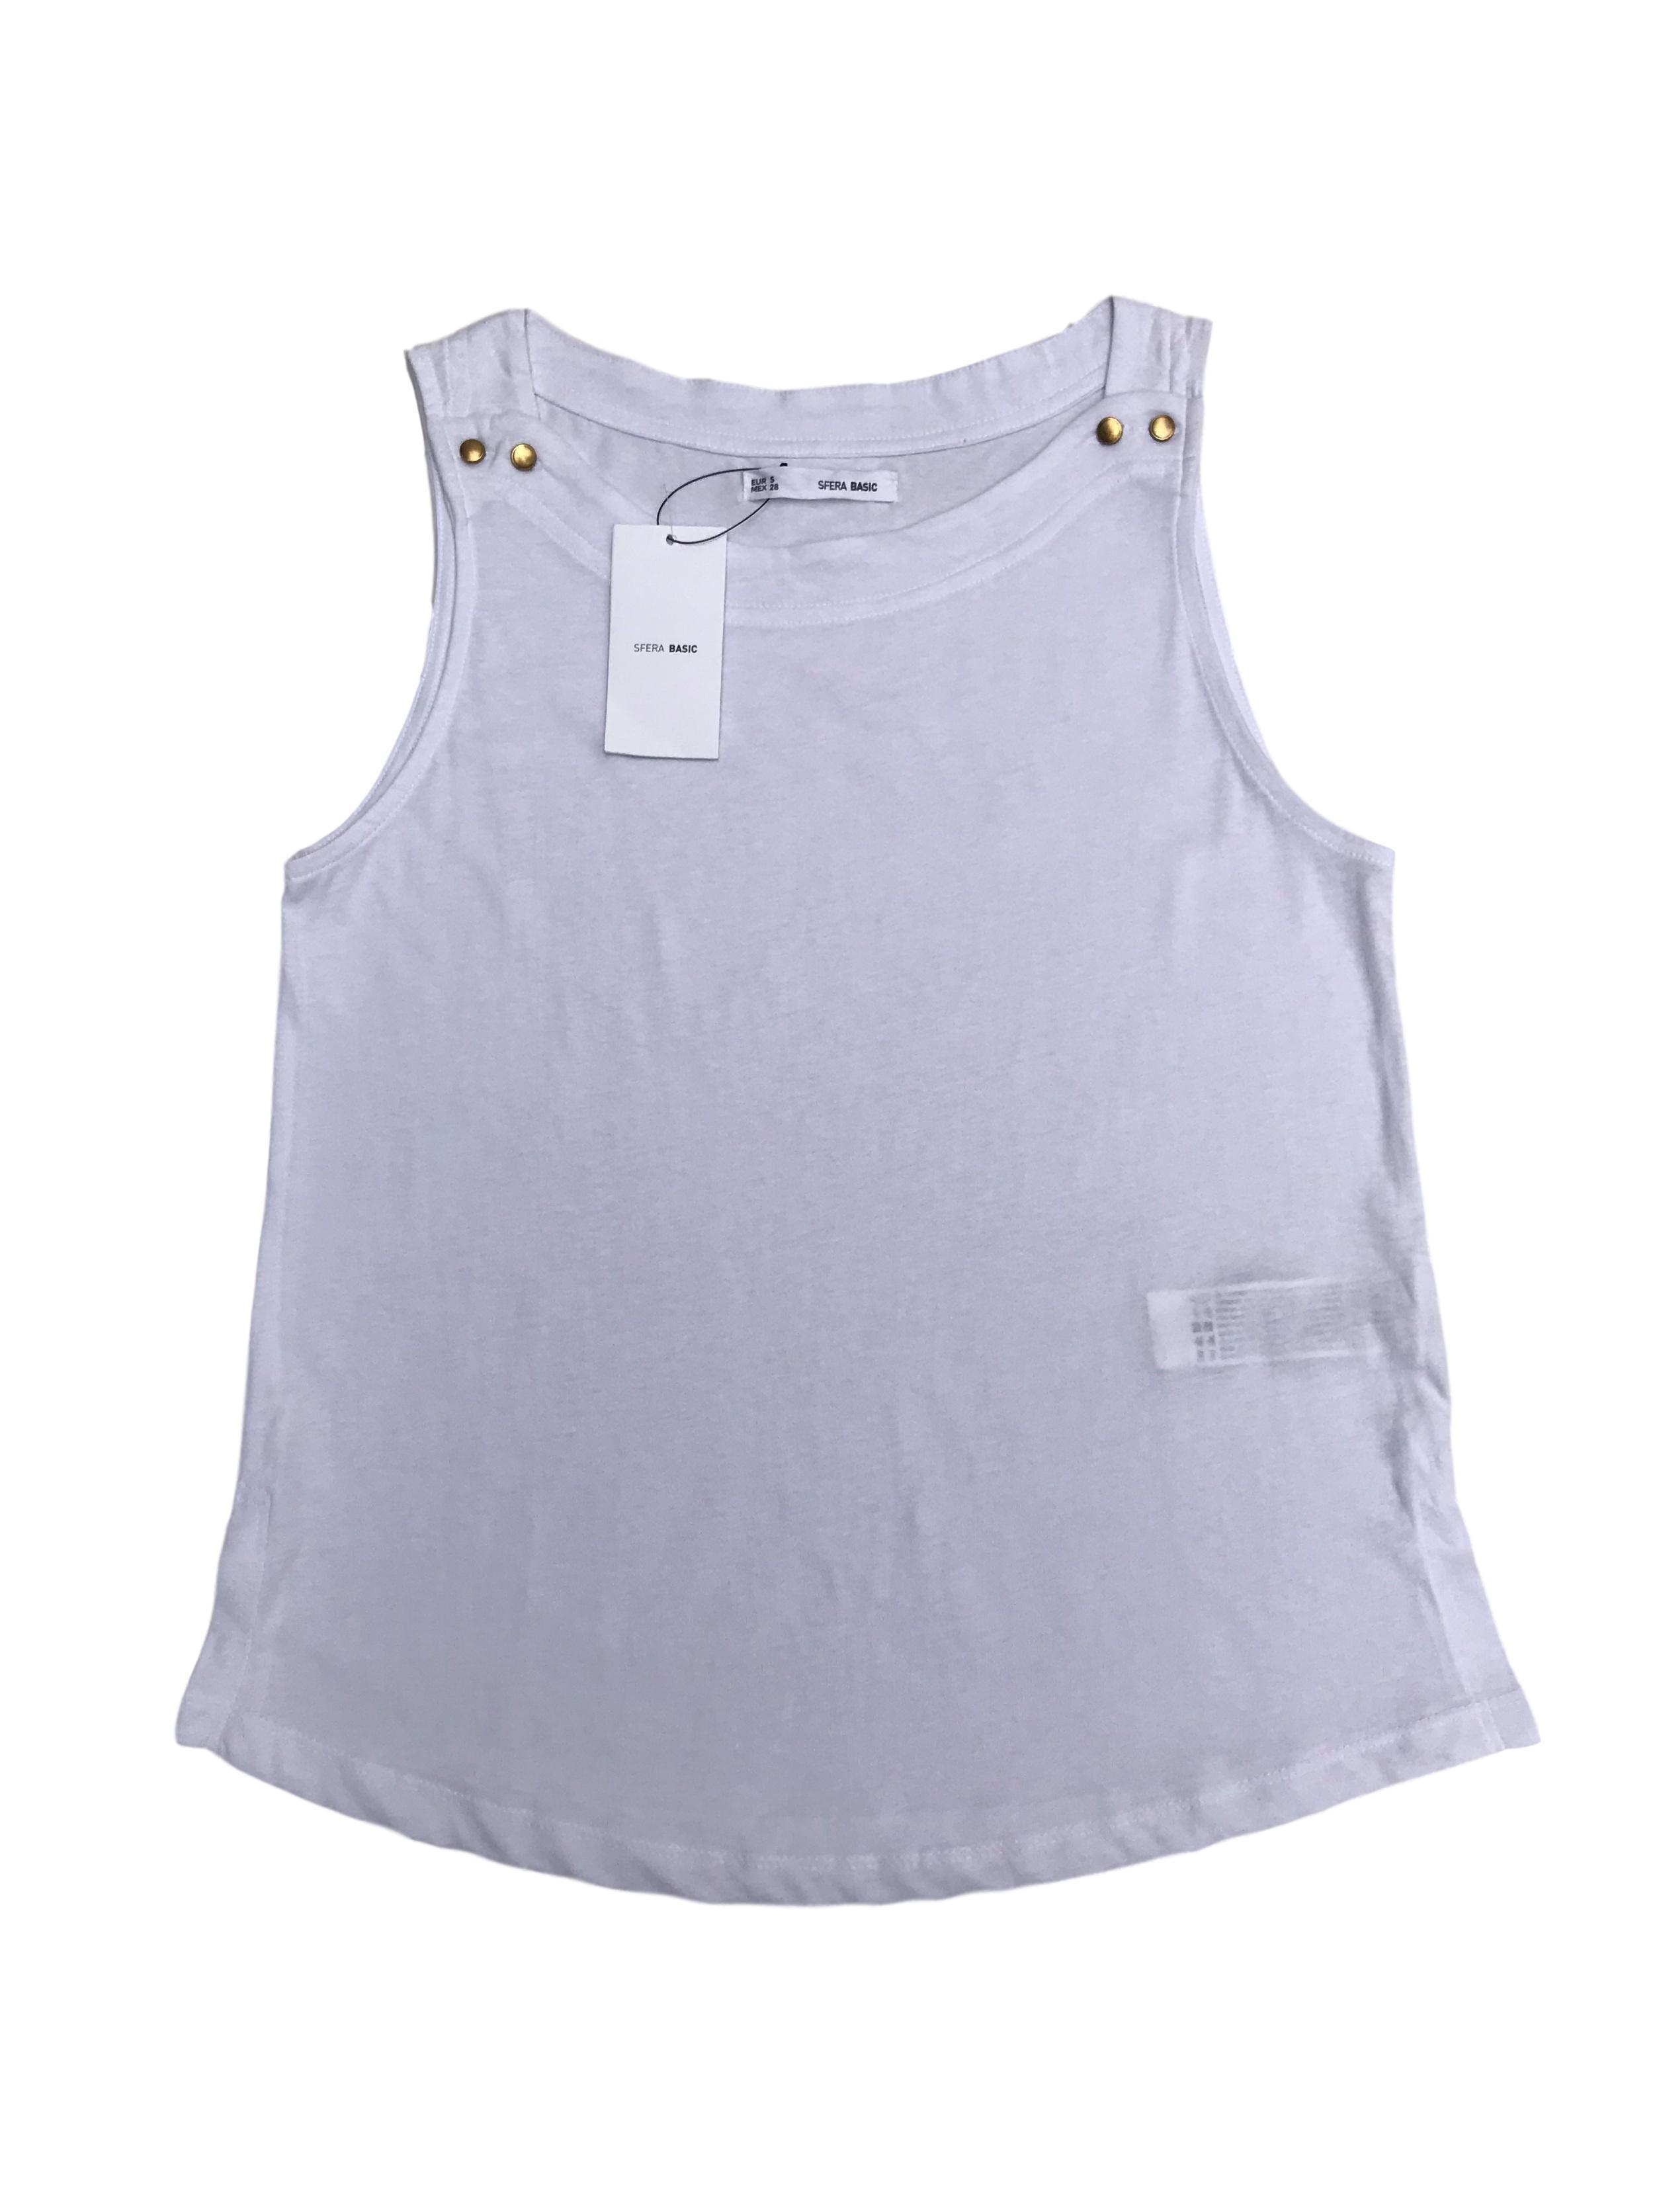 Polo Sfera 100% algodón blanco con botones dorados en los hombros. Nuevo con etiqueta